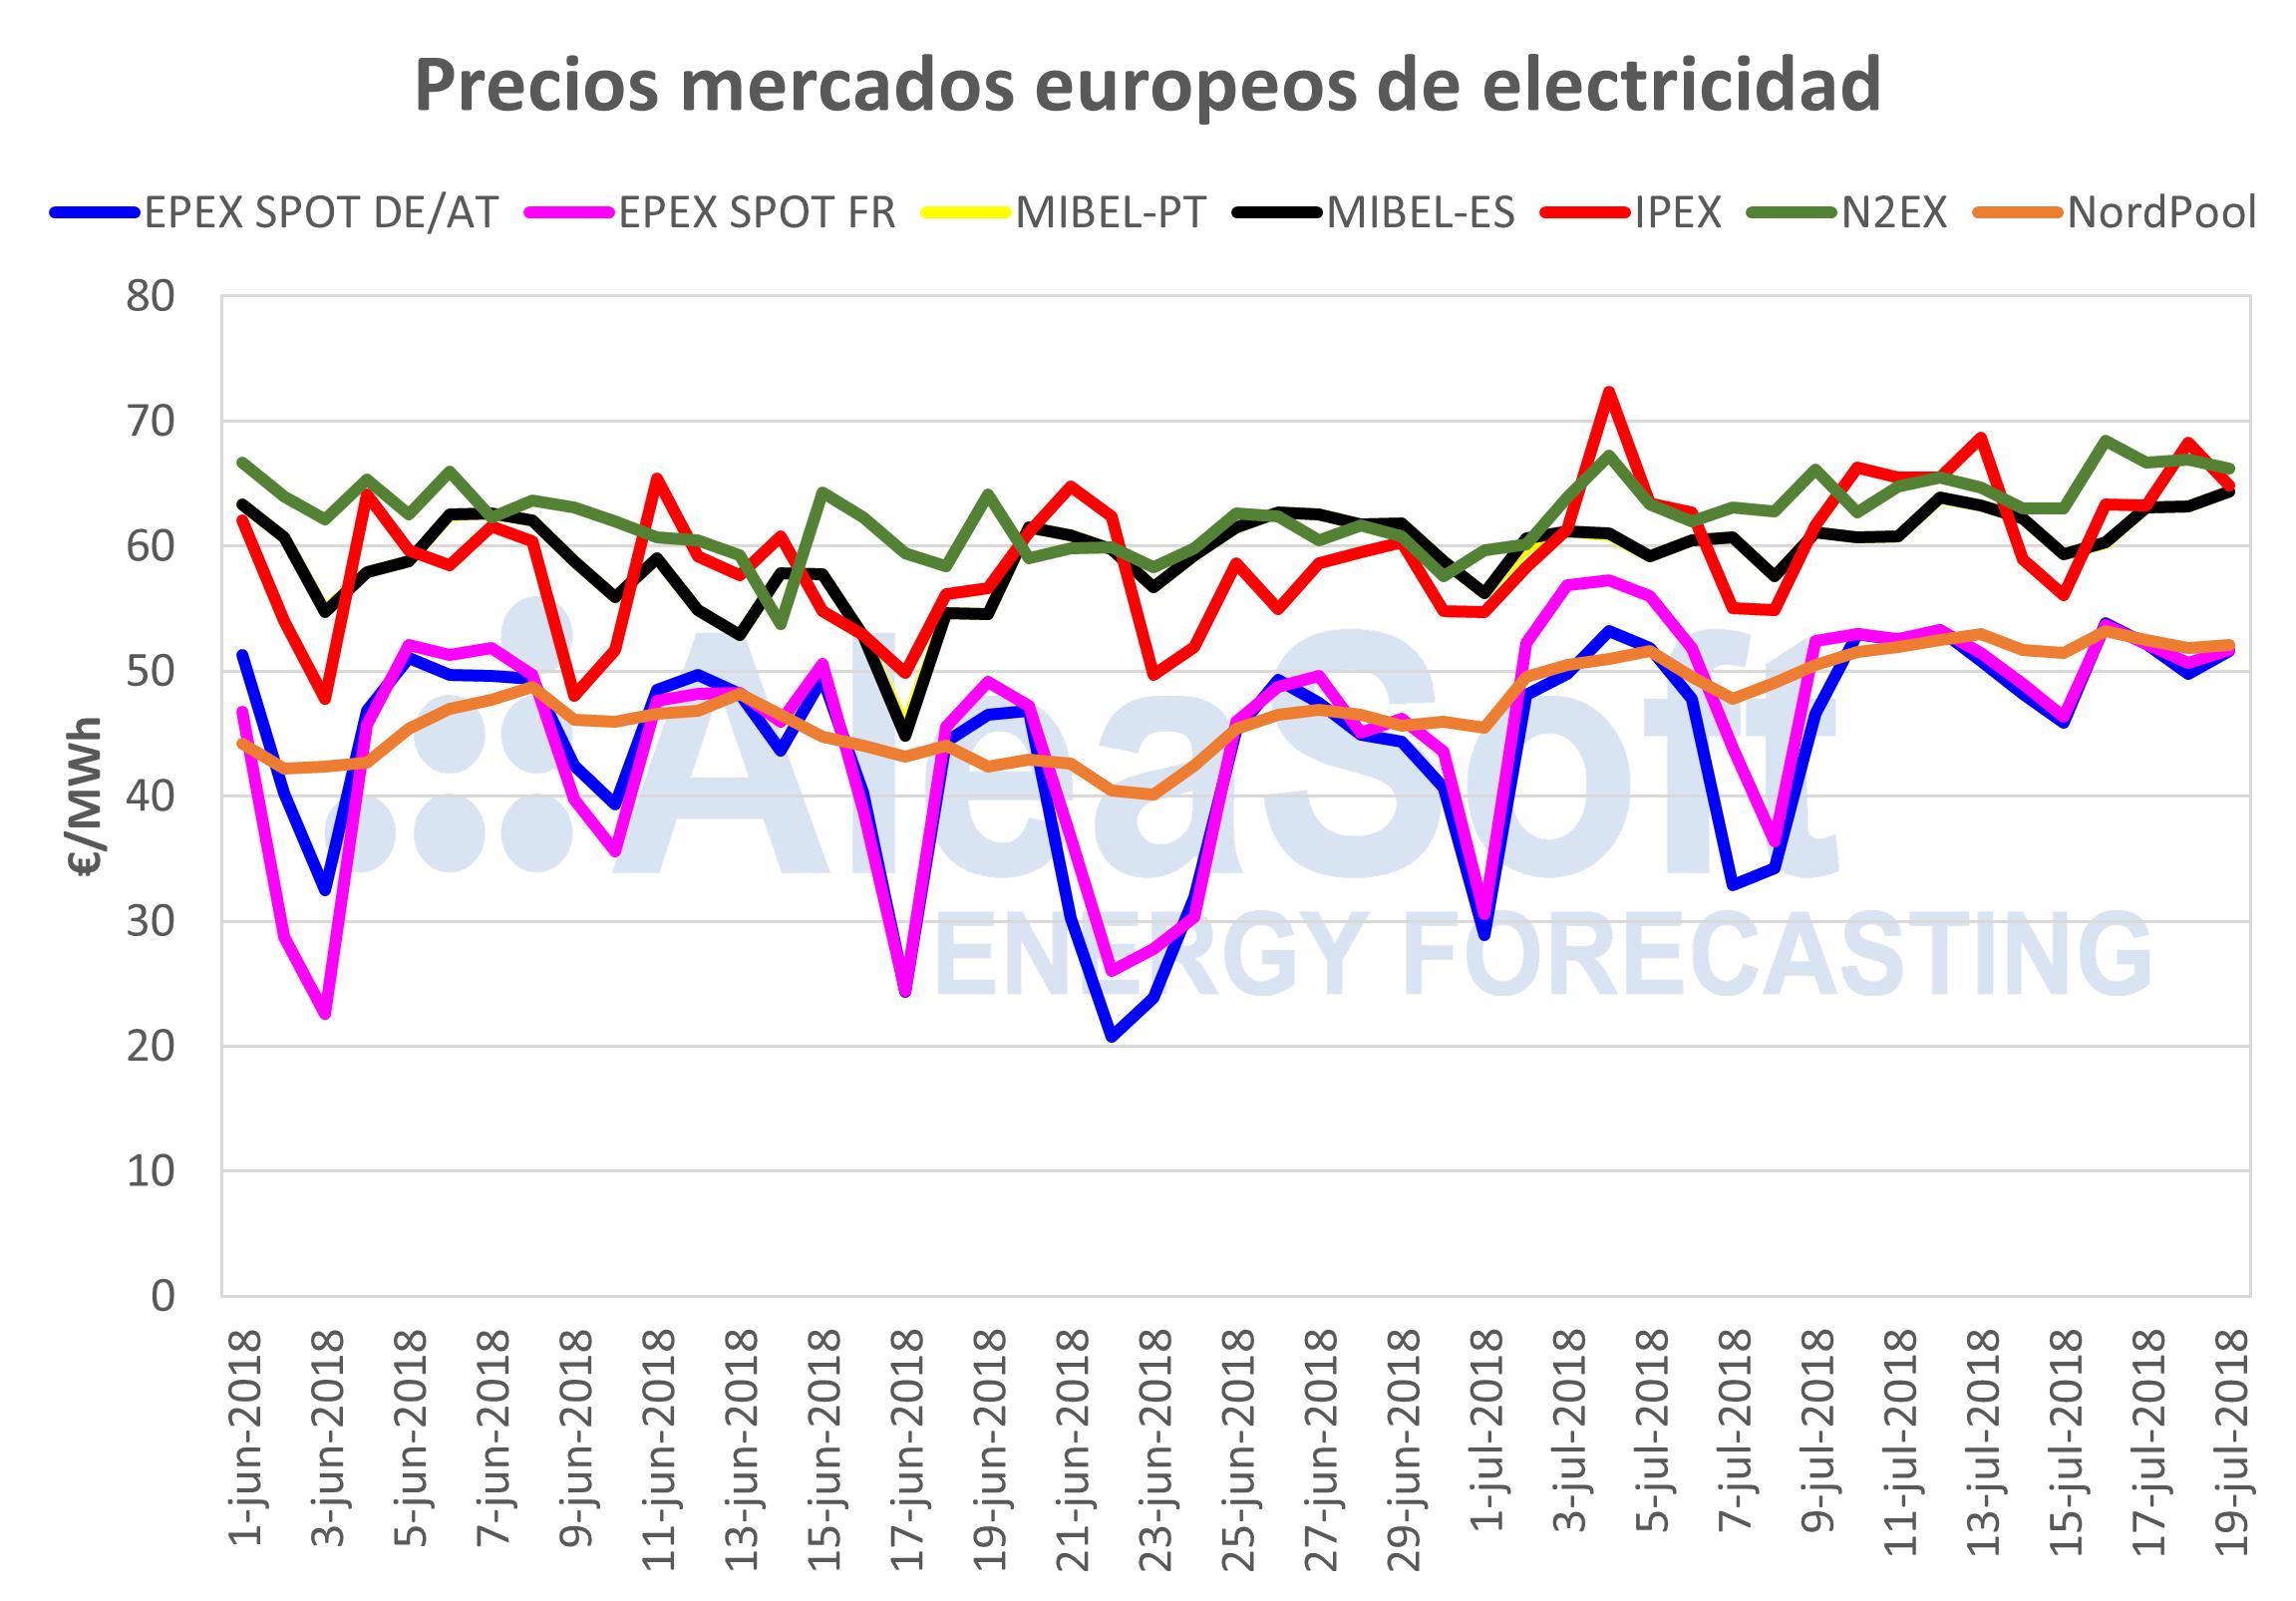 AleaSoft - Precios de mercados europeos de electricidada